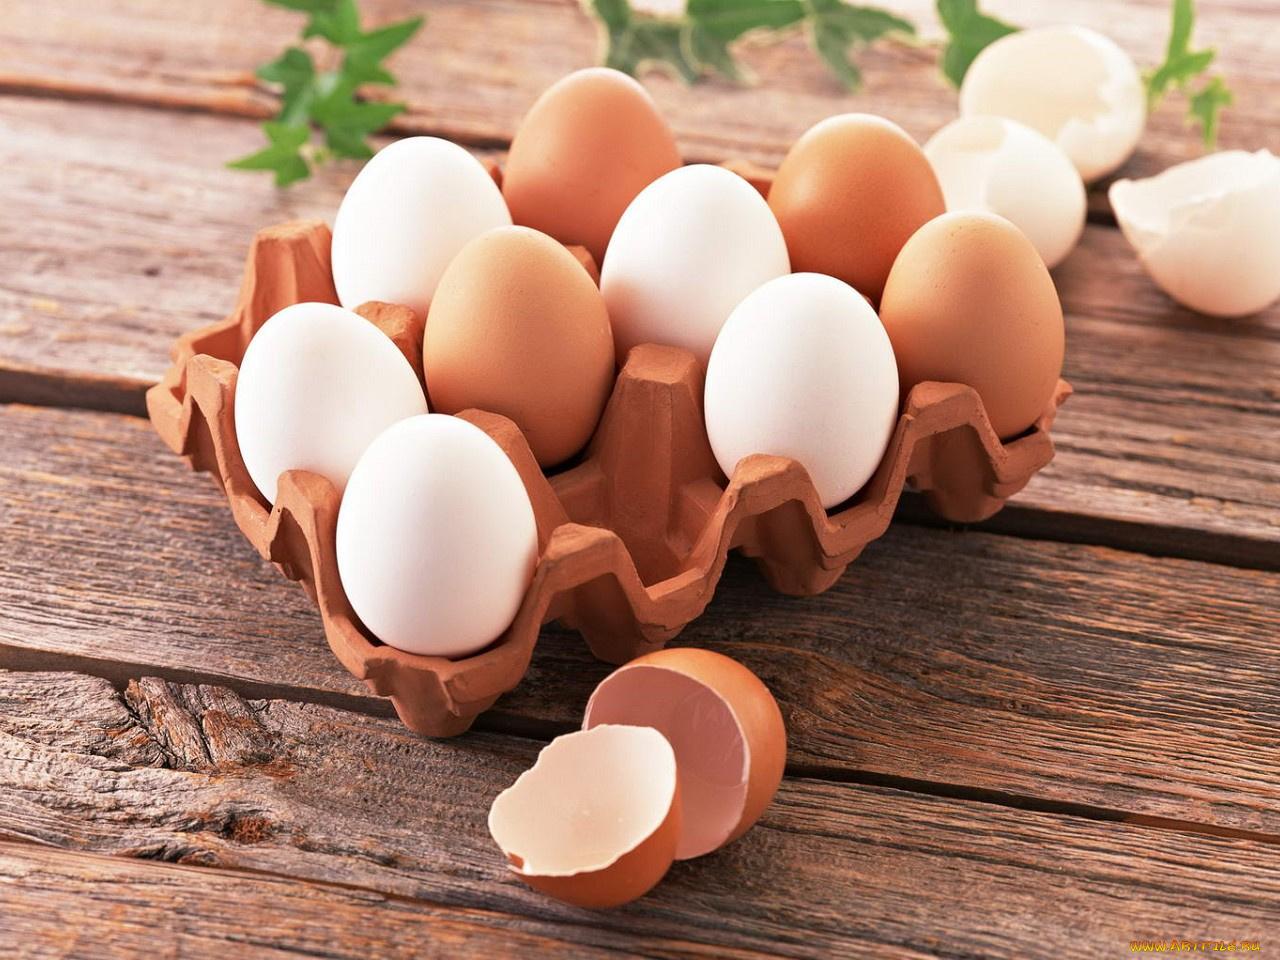 Яйца картинки красивые, прикольных